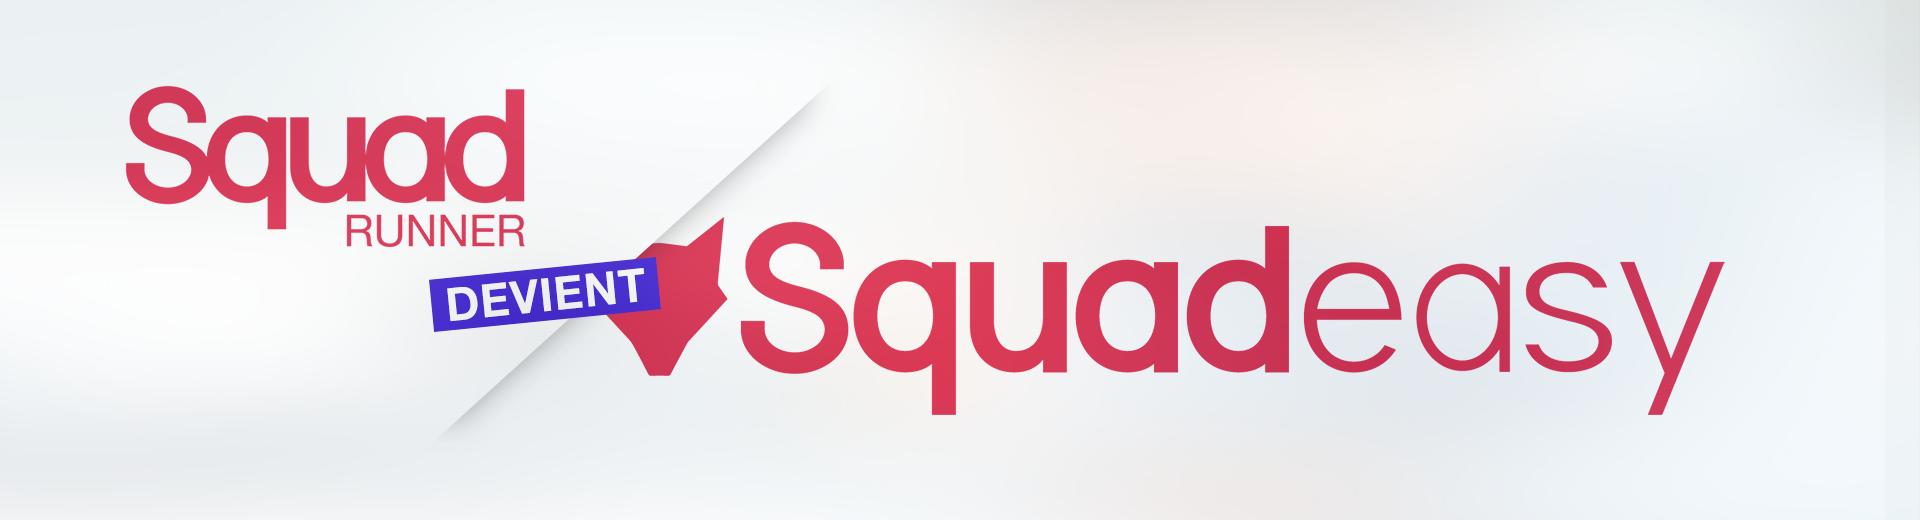 Squadrunner devient Squadeasy-3